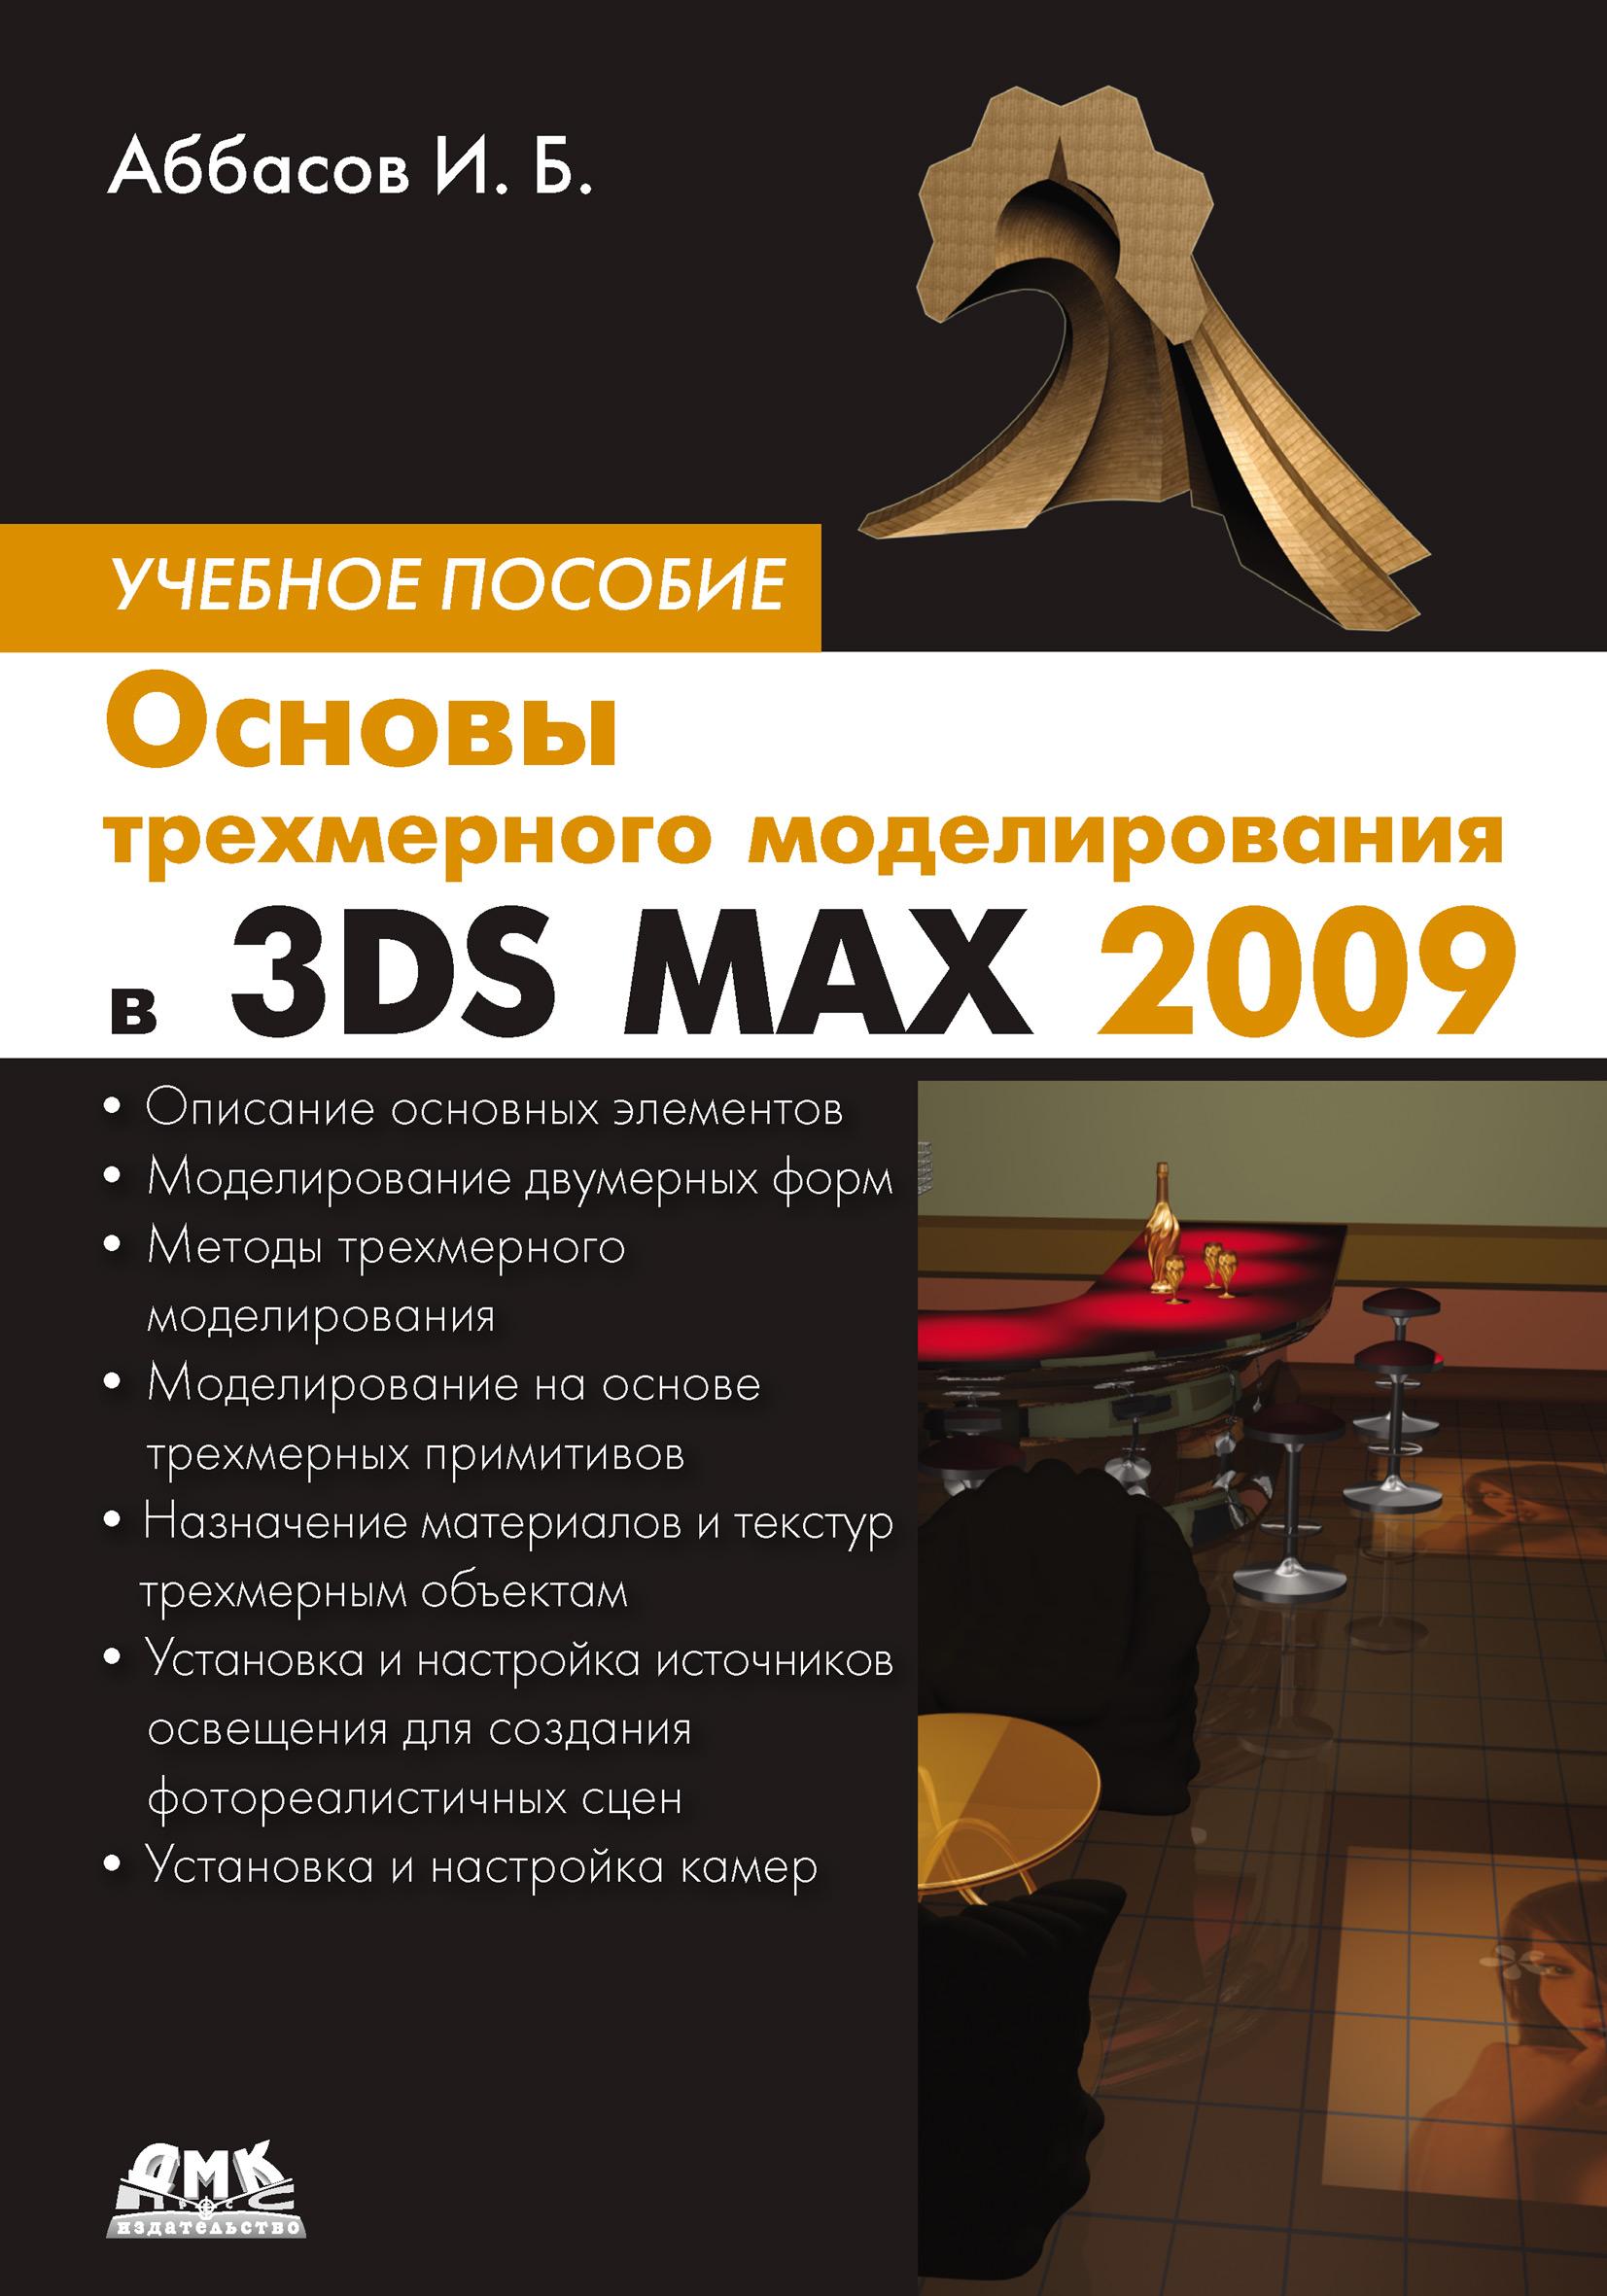 Основы трехмерного моделирования в 3DS MAX 2009